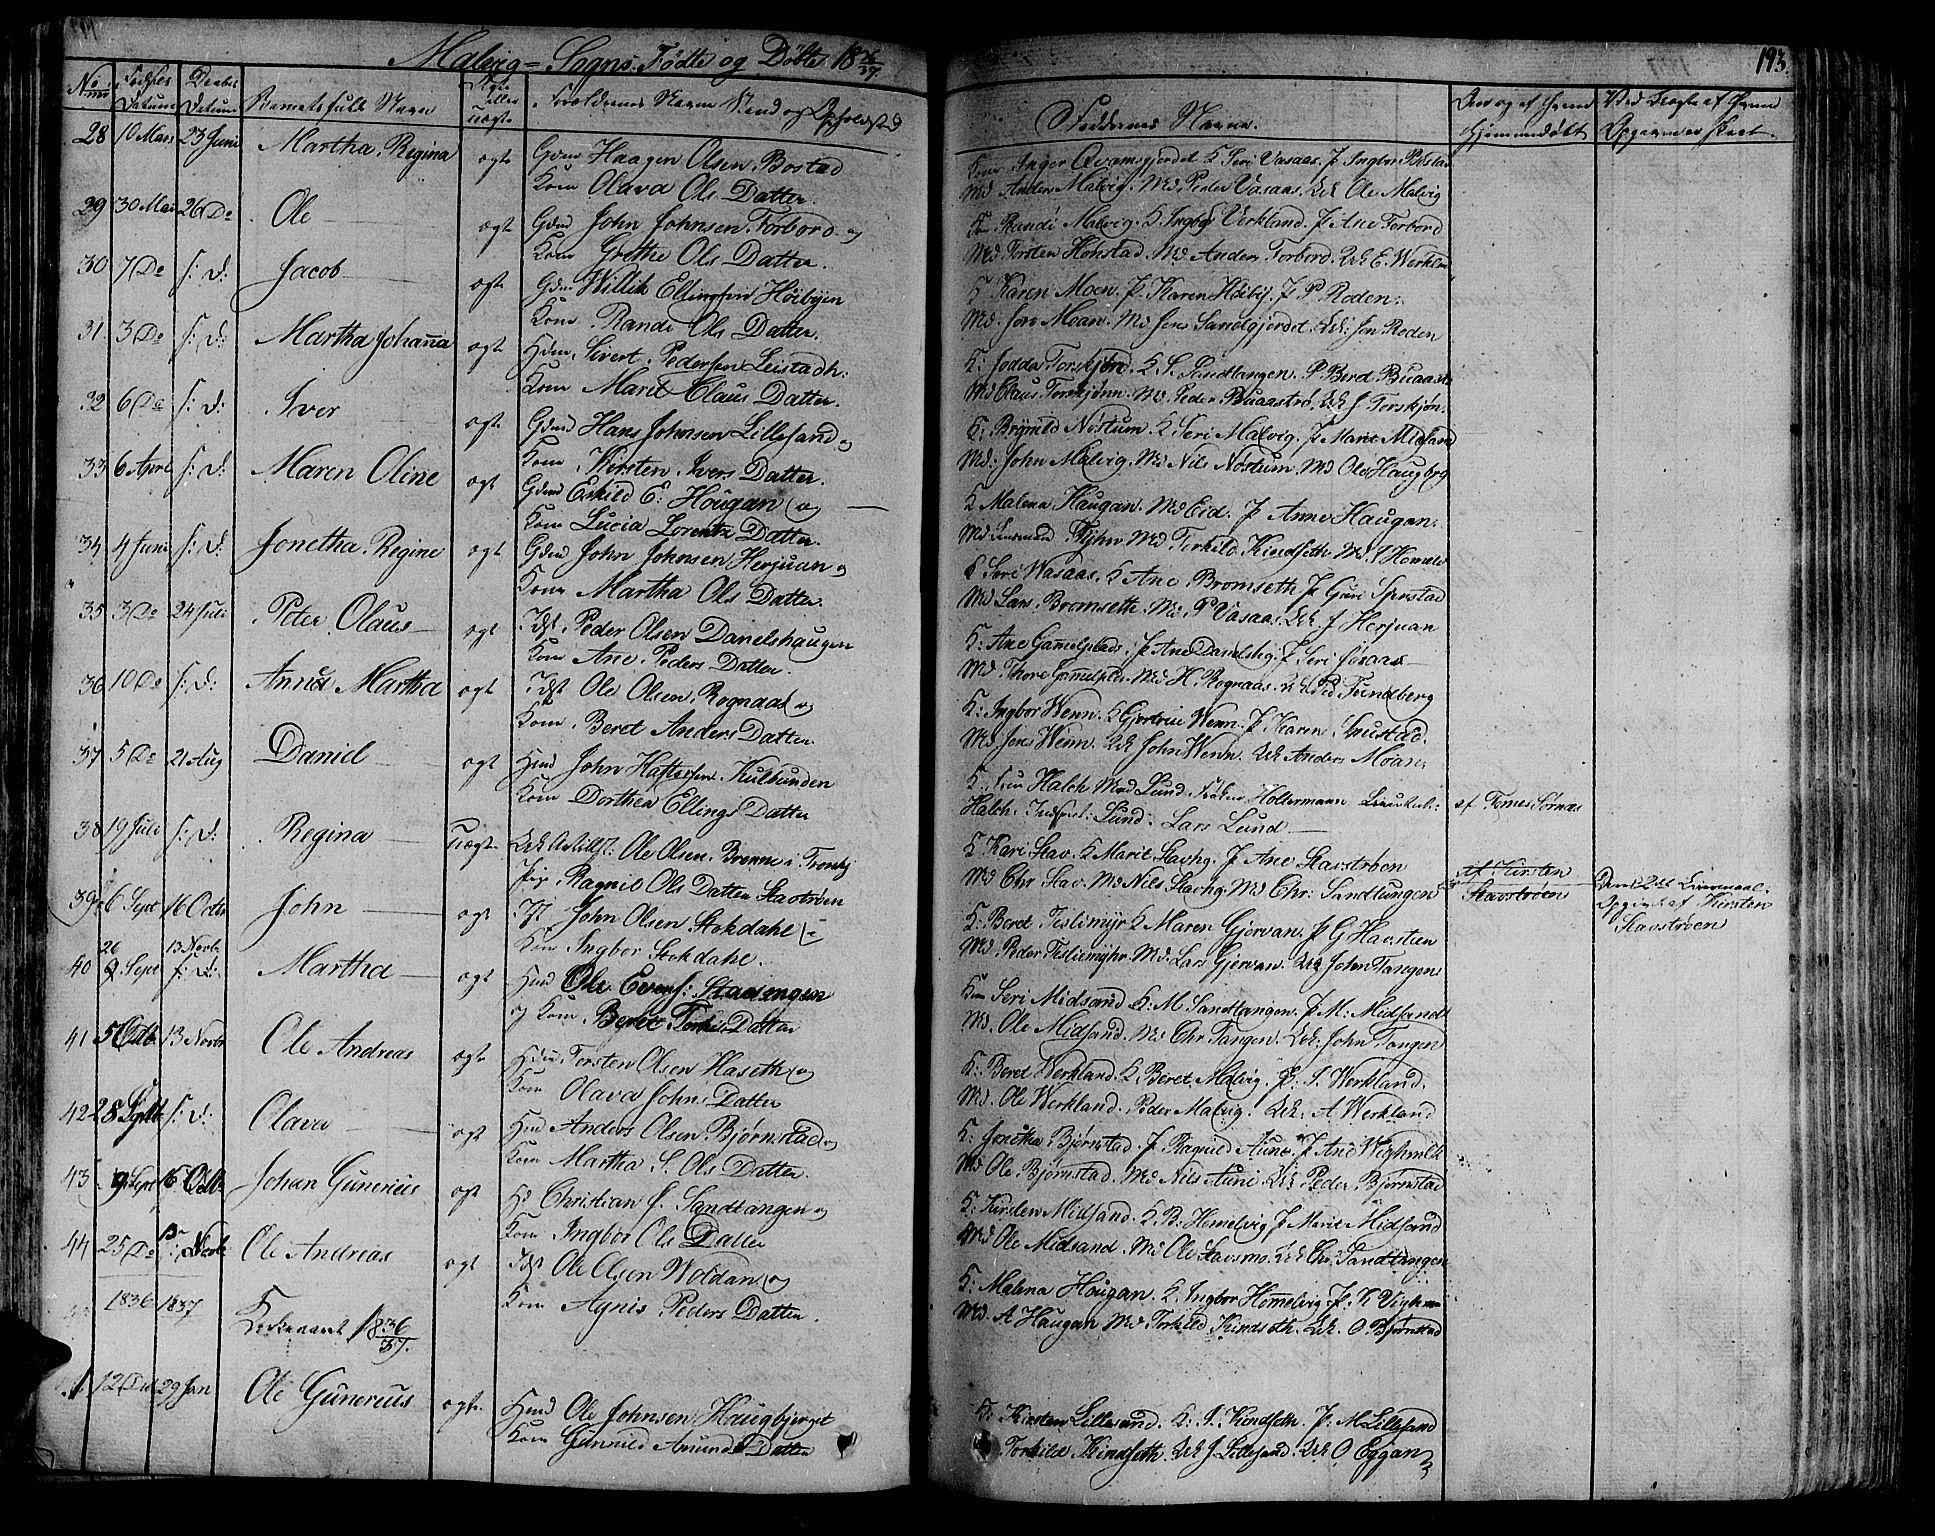 SAT, Ministerialprotokoller, klokkerbøker og fødselsregistre - Sør-Trøndelag, 606/L0288: Ministerialbok nr. 606A04 /3, 1826-1840, s. 193